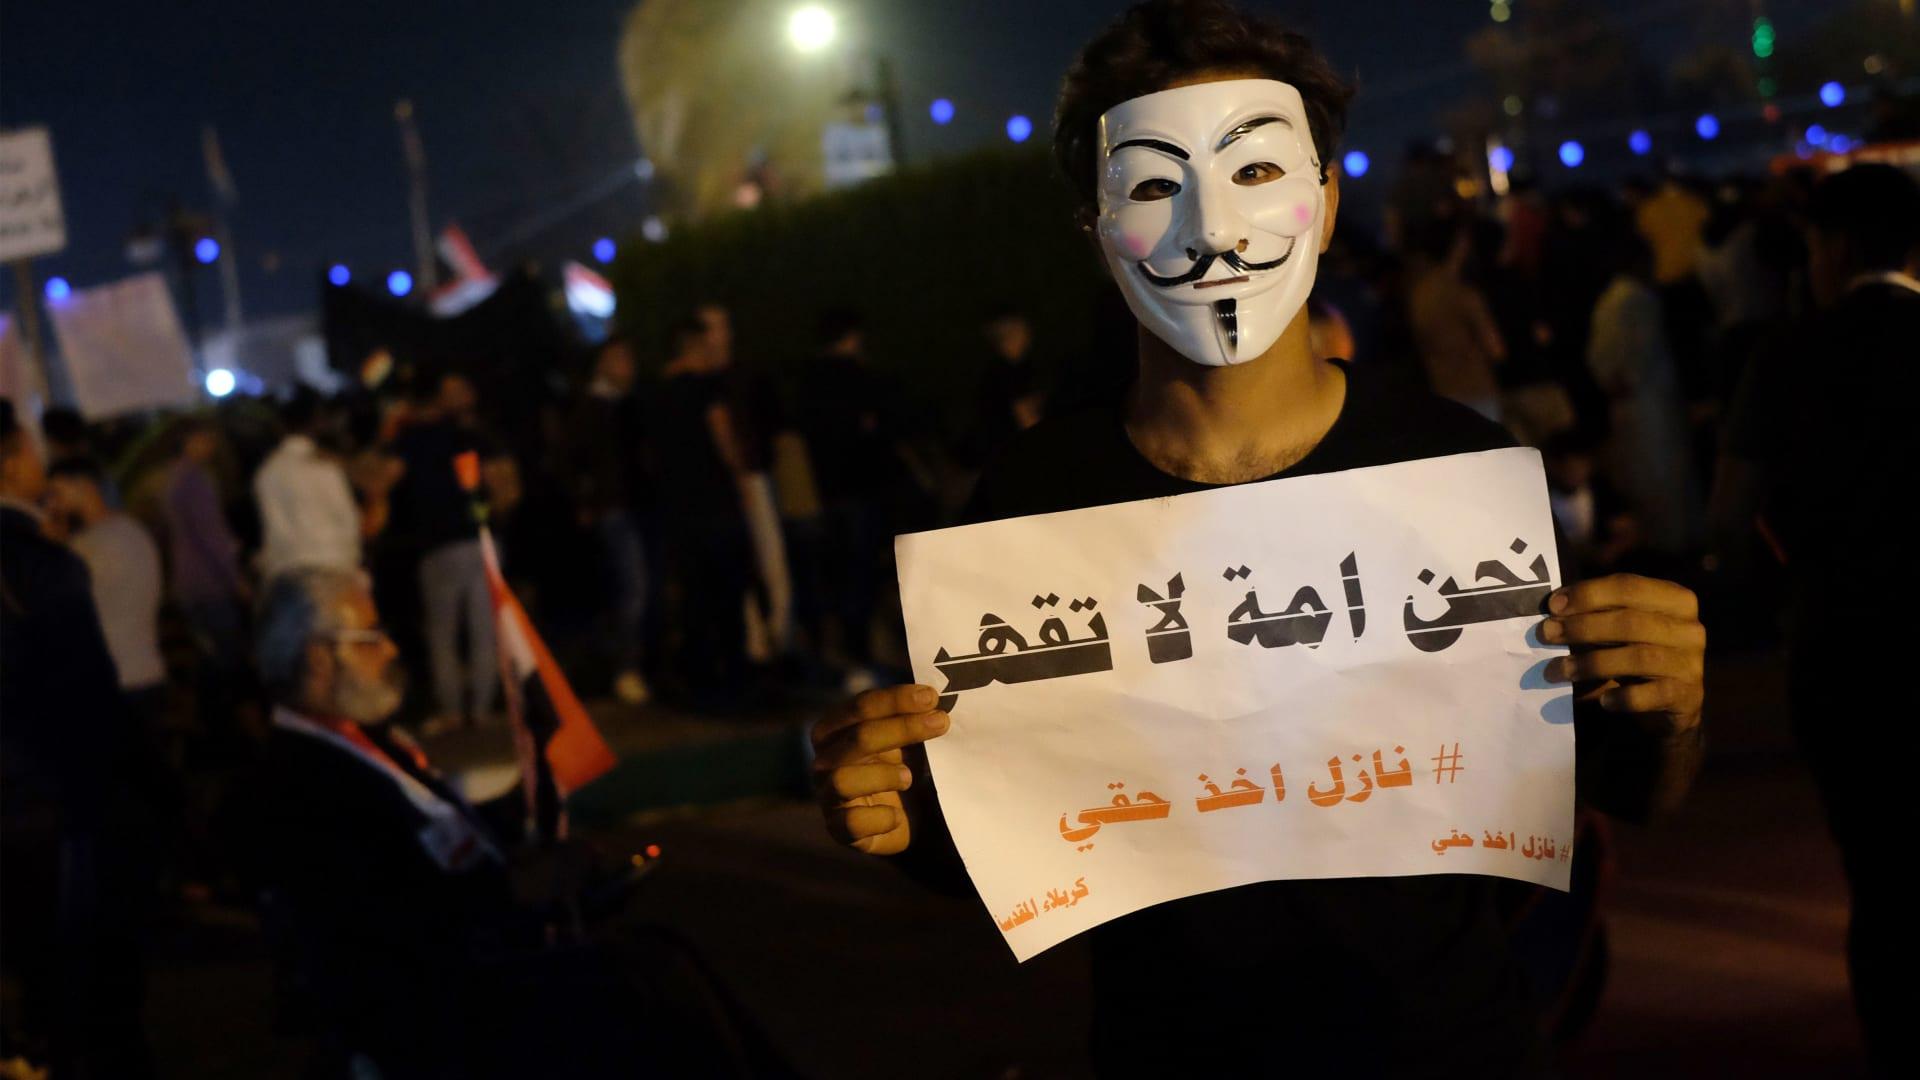 المحتجون العراقيون يُقمعون بسبب اعتراضهم على البطالة والفساد